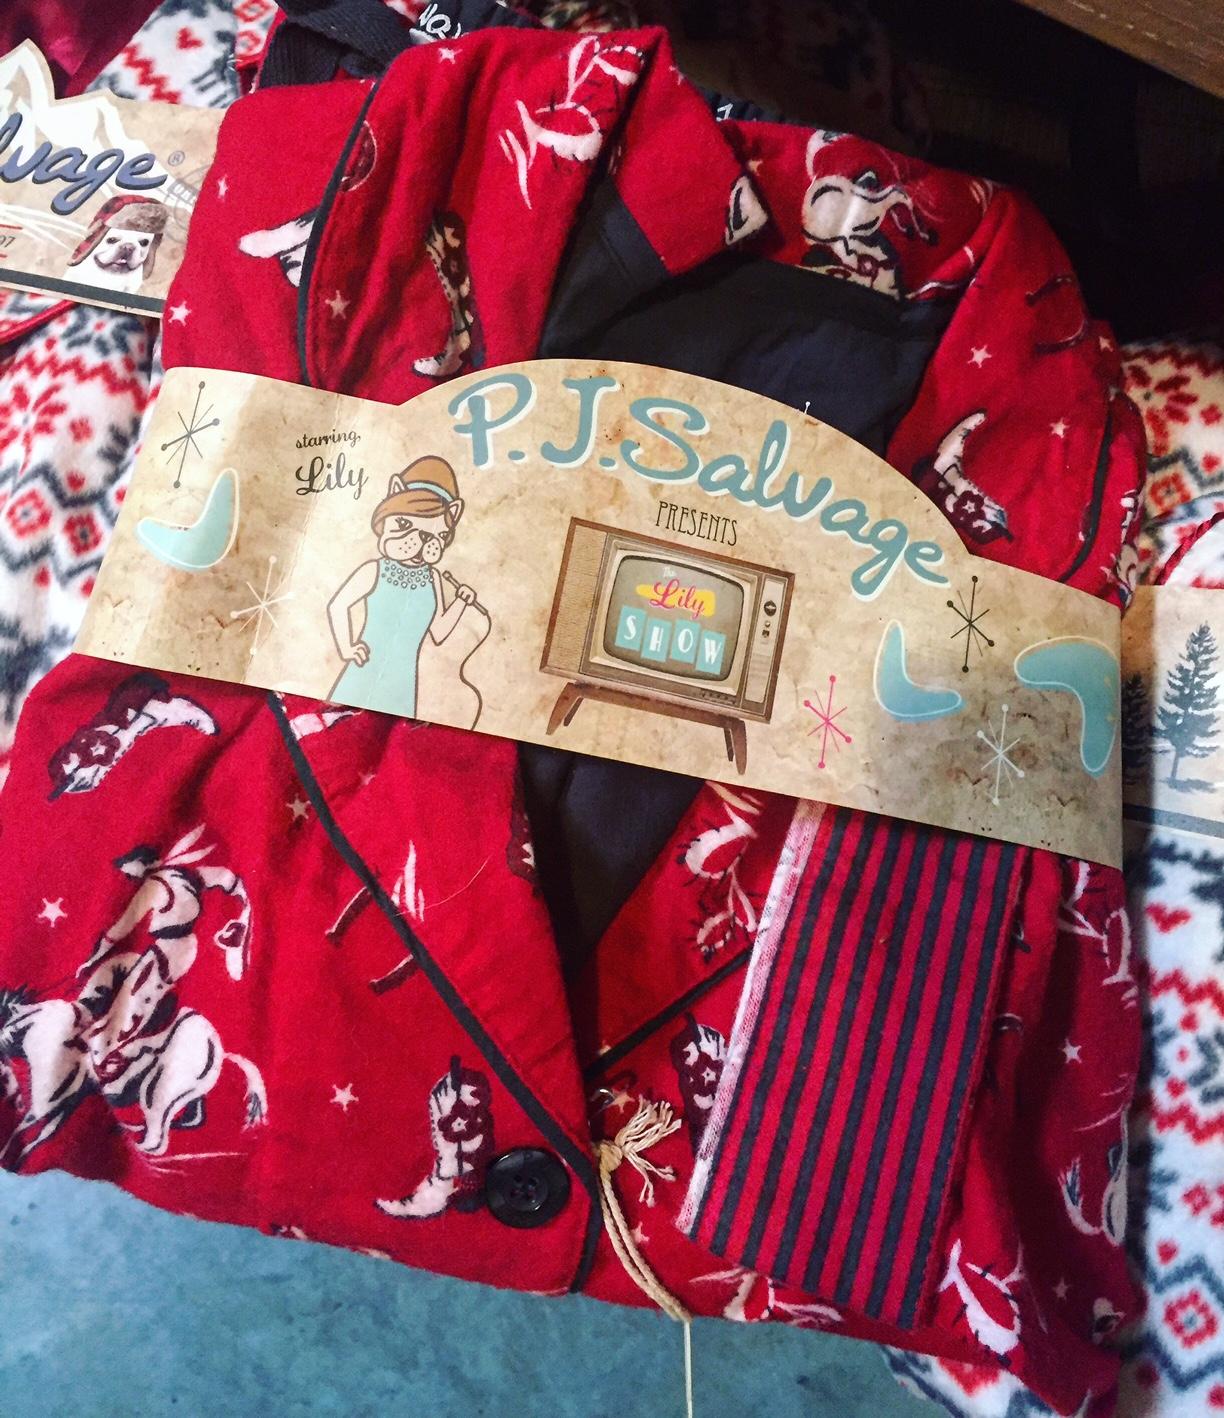 pj-salvage-pajamas-the-find-reno